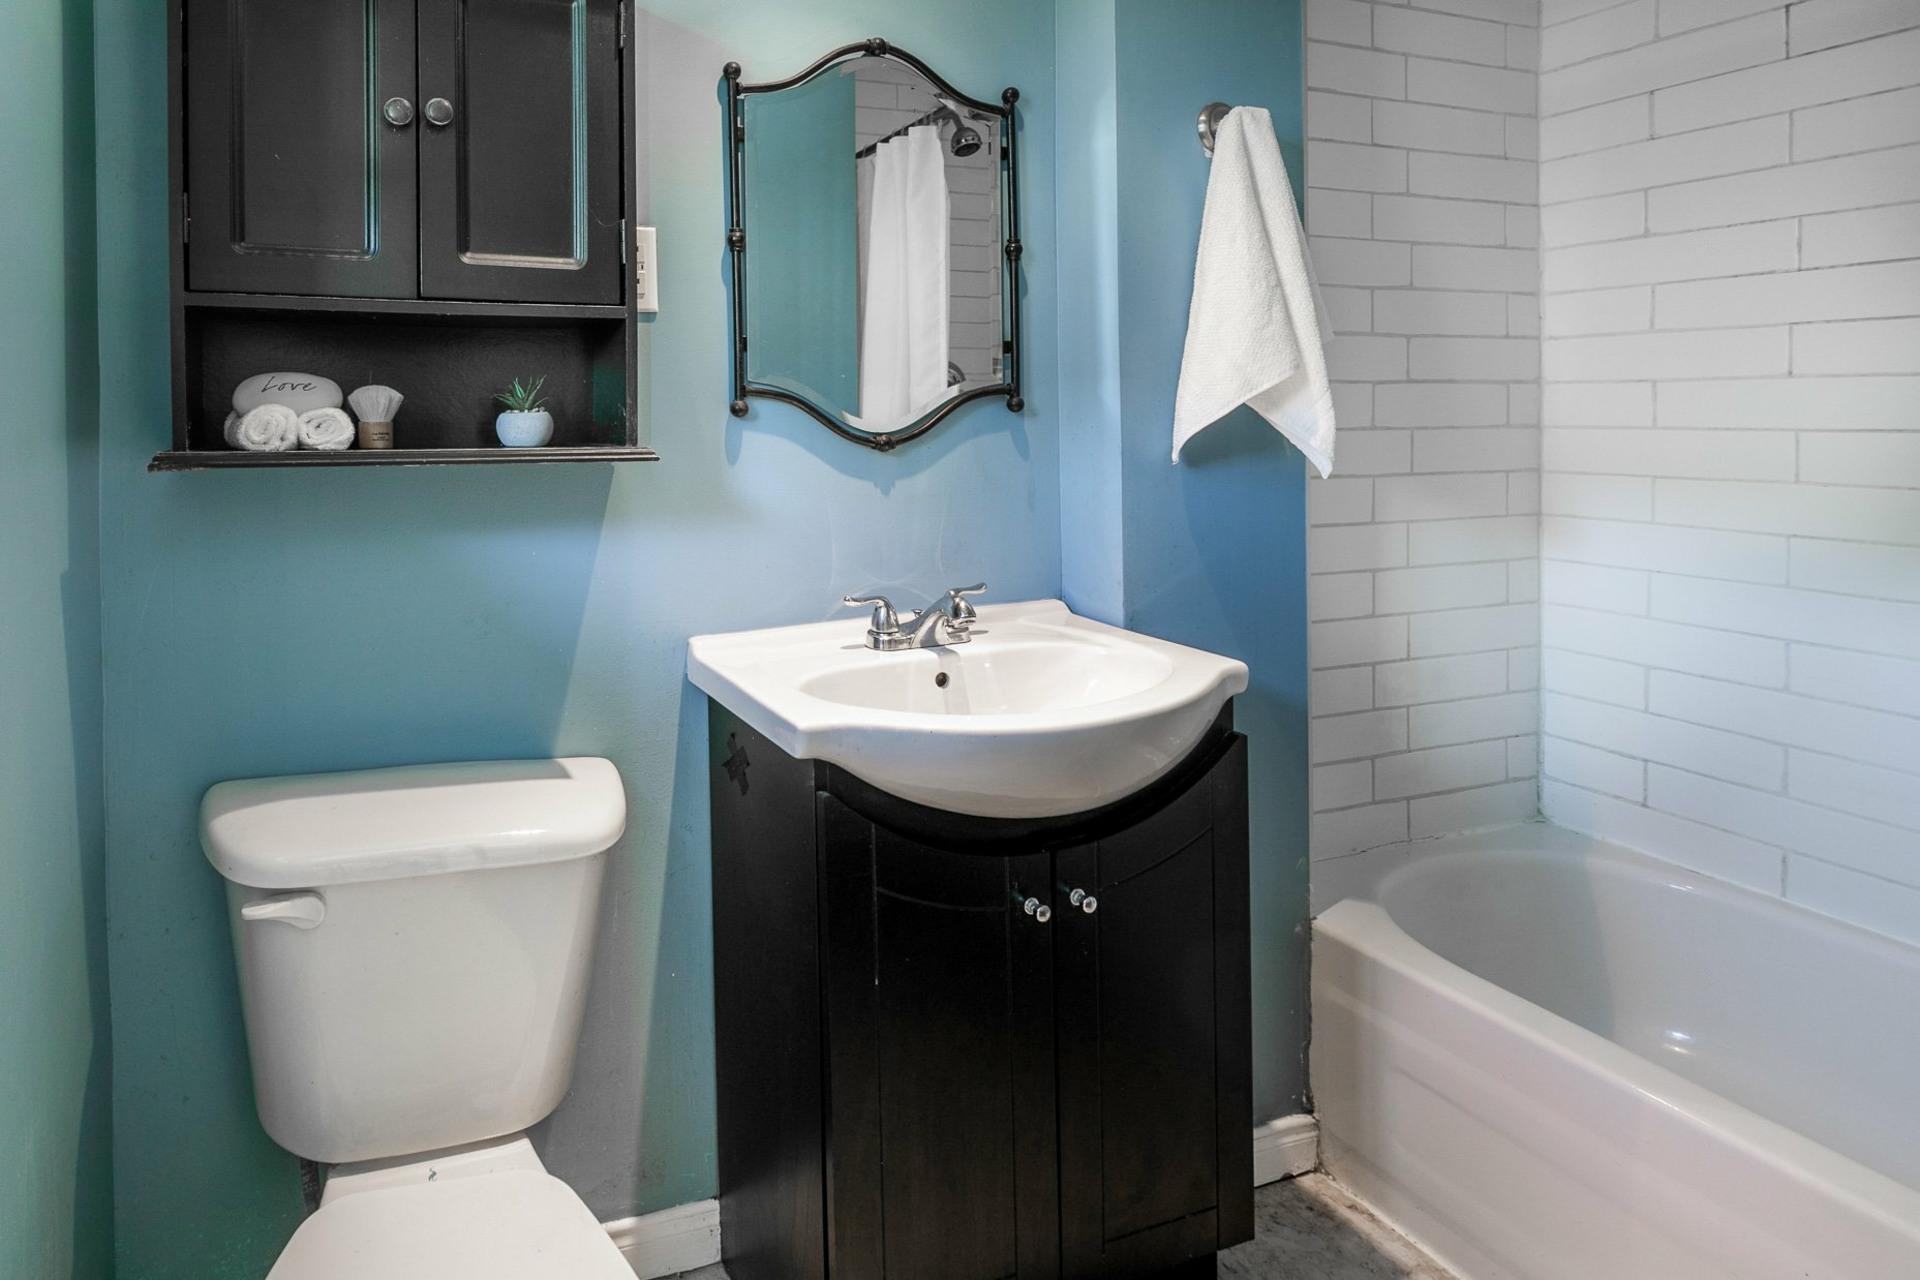 image 12 - Appartement À vendre Le Plateau-Mont-Royal Montréal  - 4 pièces